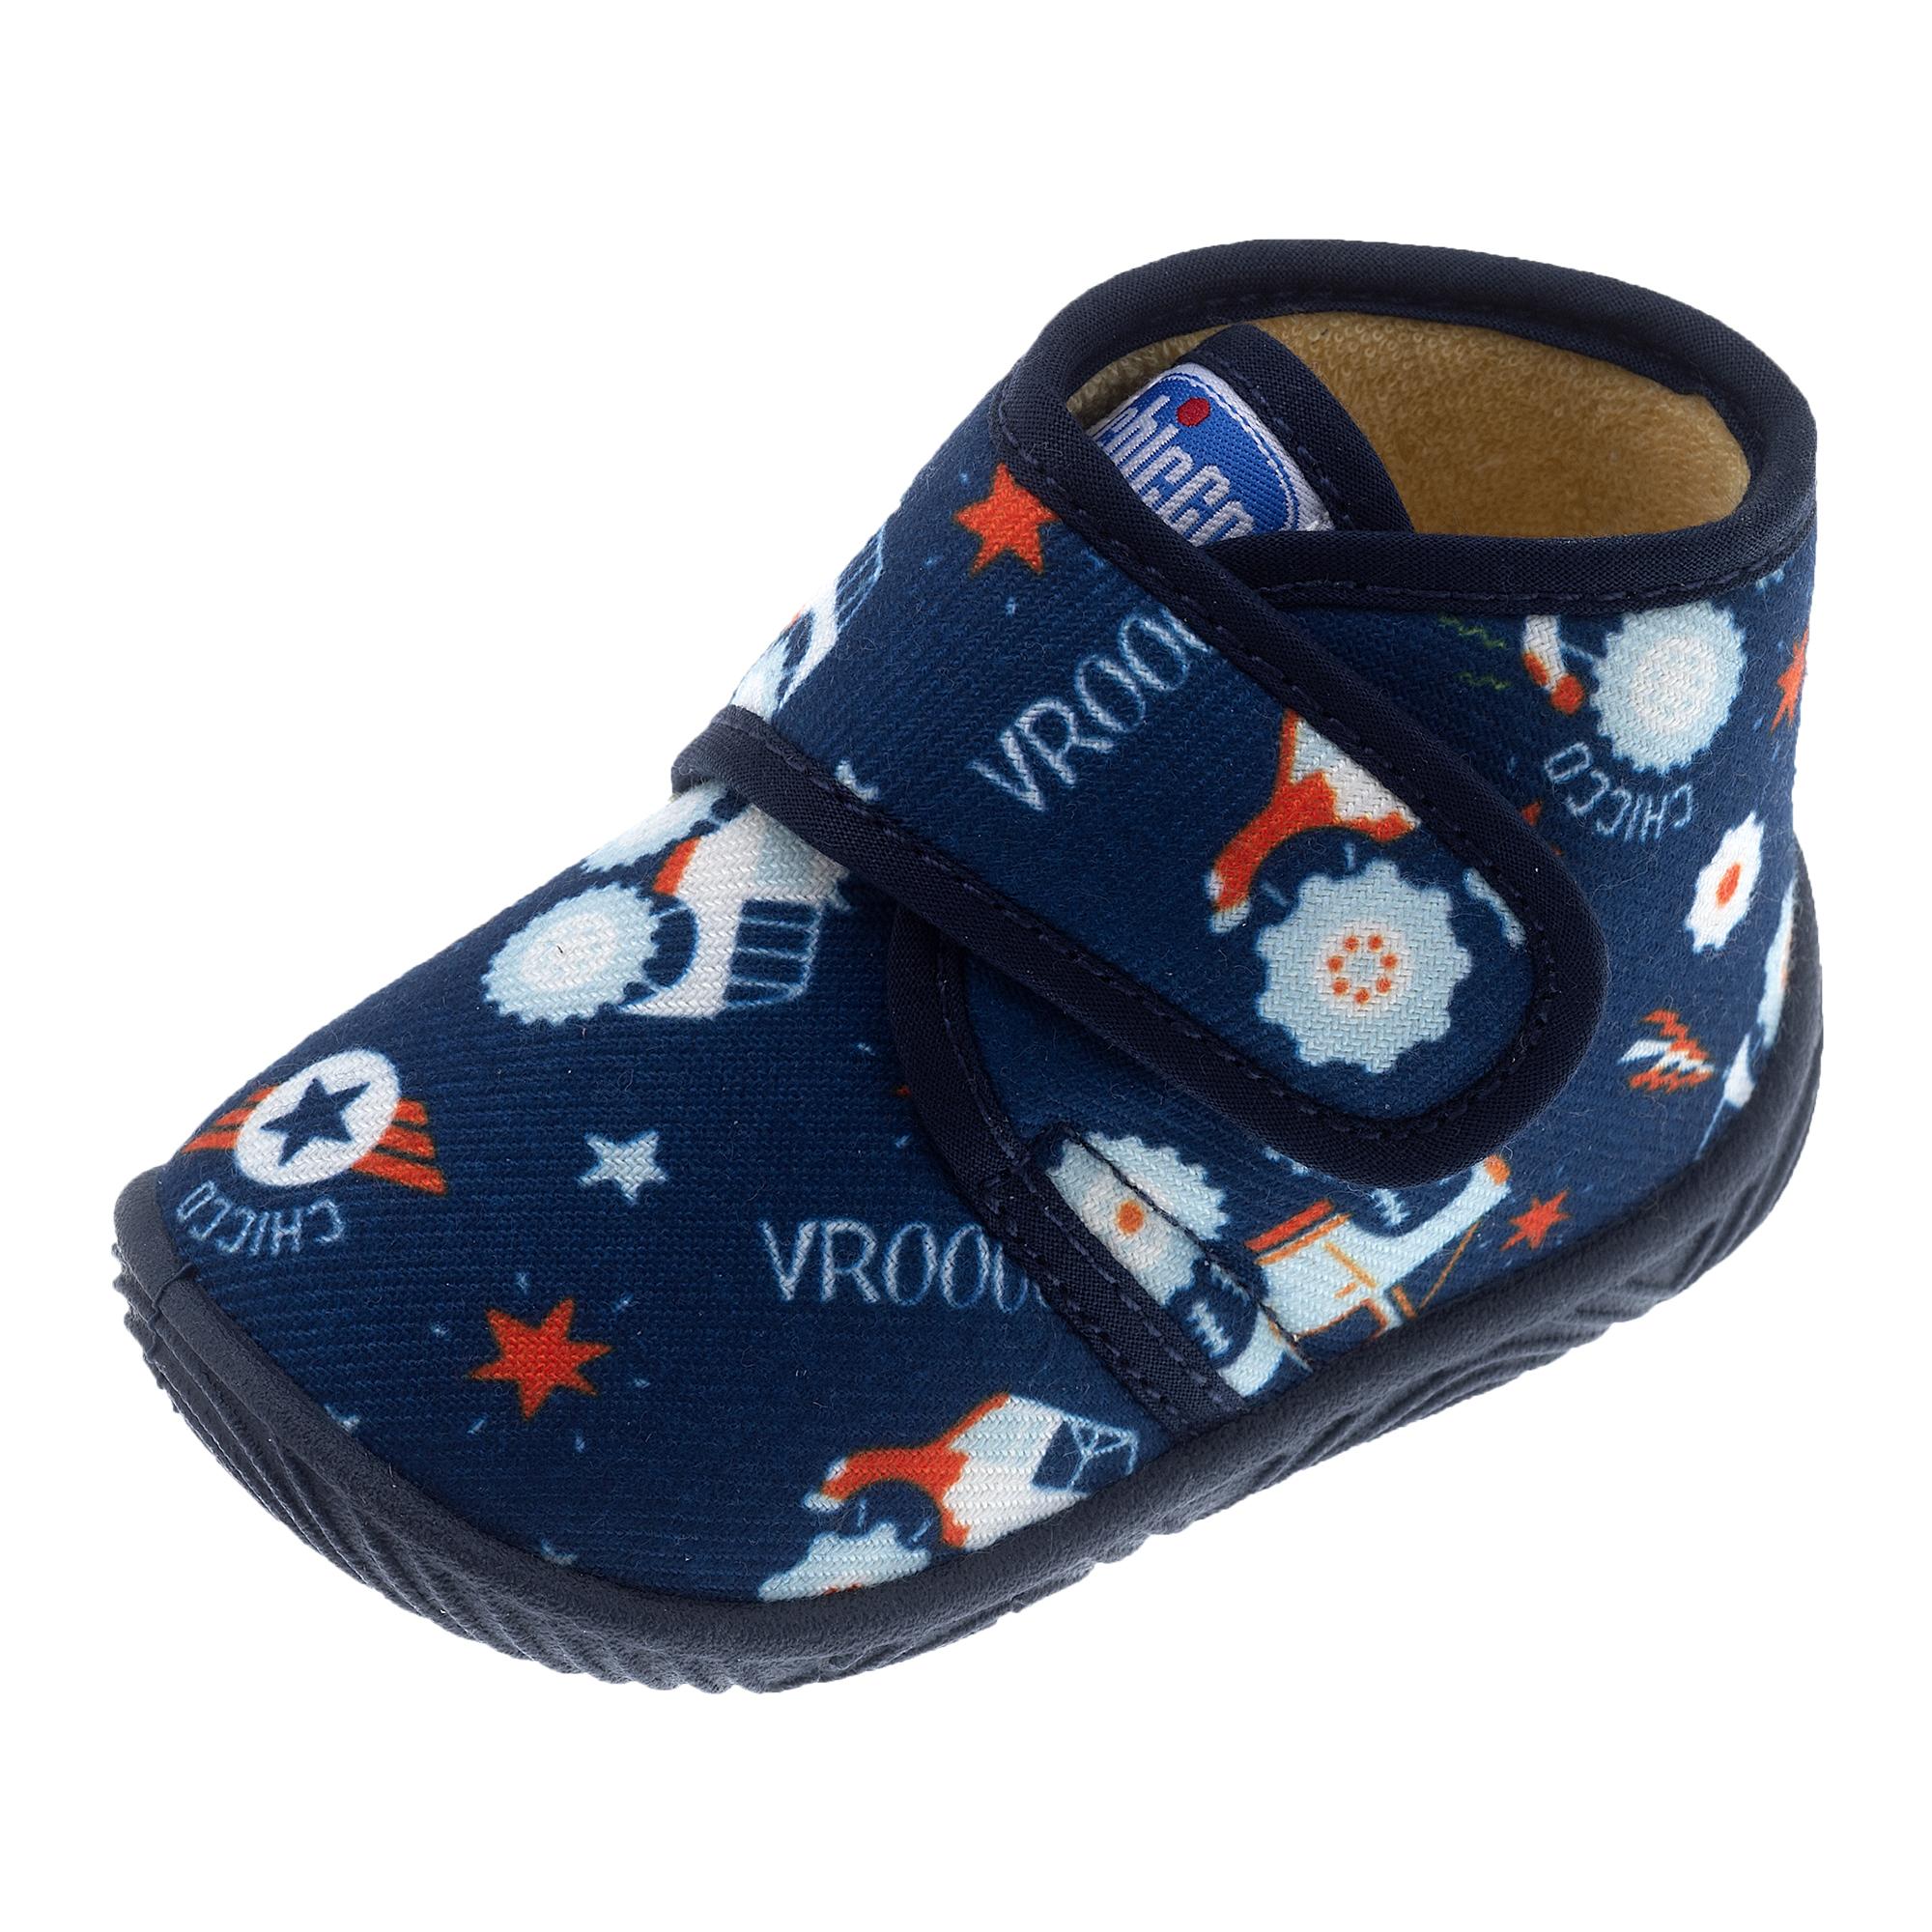 Pantofi de casa Chicco, Tamigi, bleumarin, 60723 din categoria Pantofi de casa